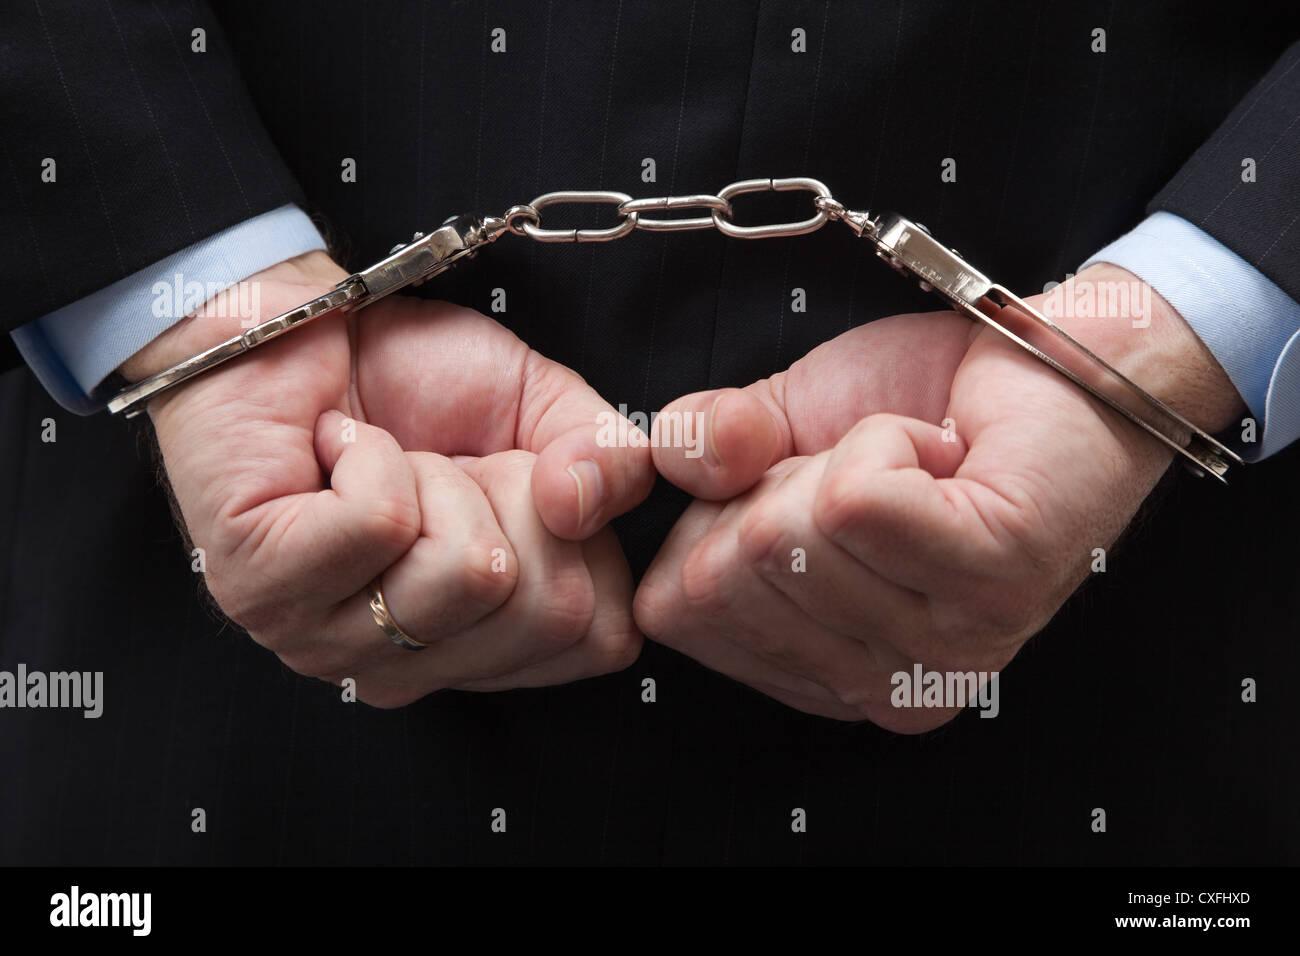 Uomo in un business suit con le mani in mano polsini a significare un White Collar Crime Immagini Stock